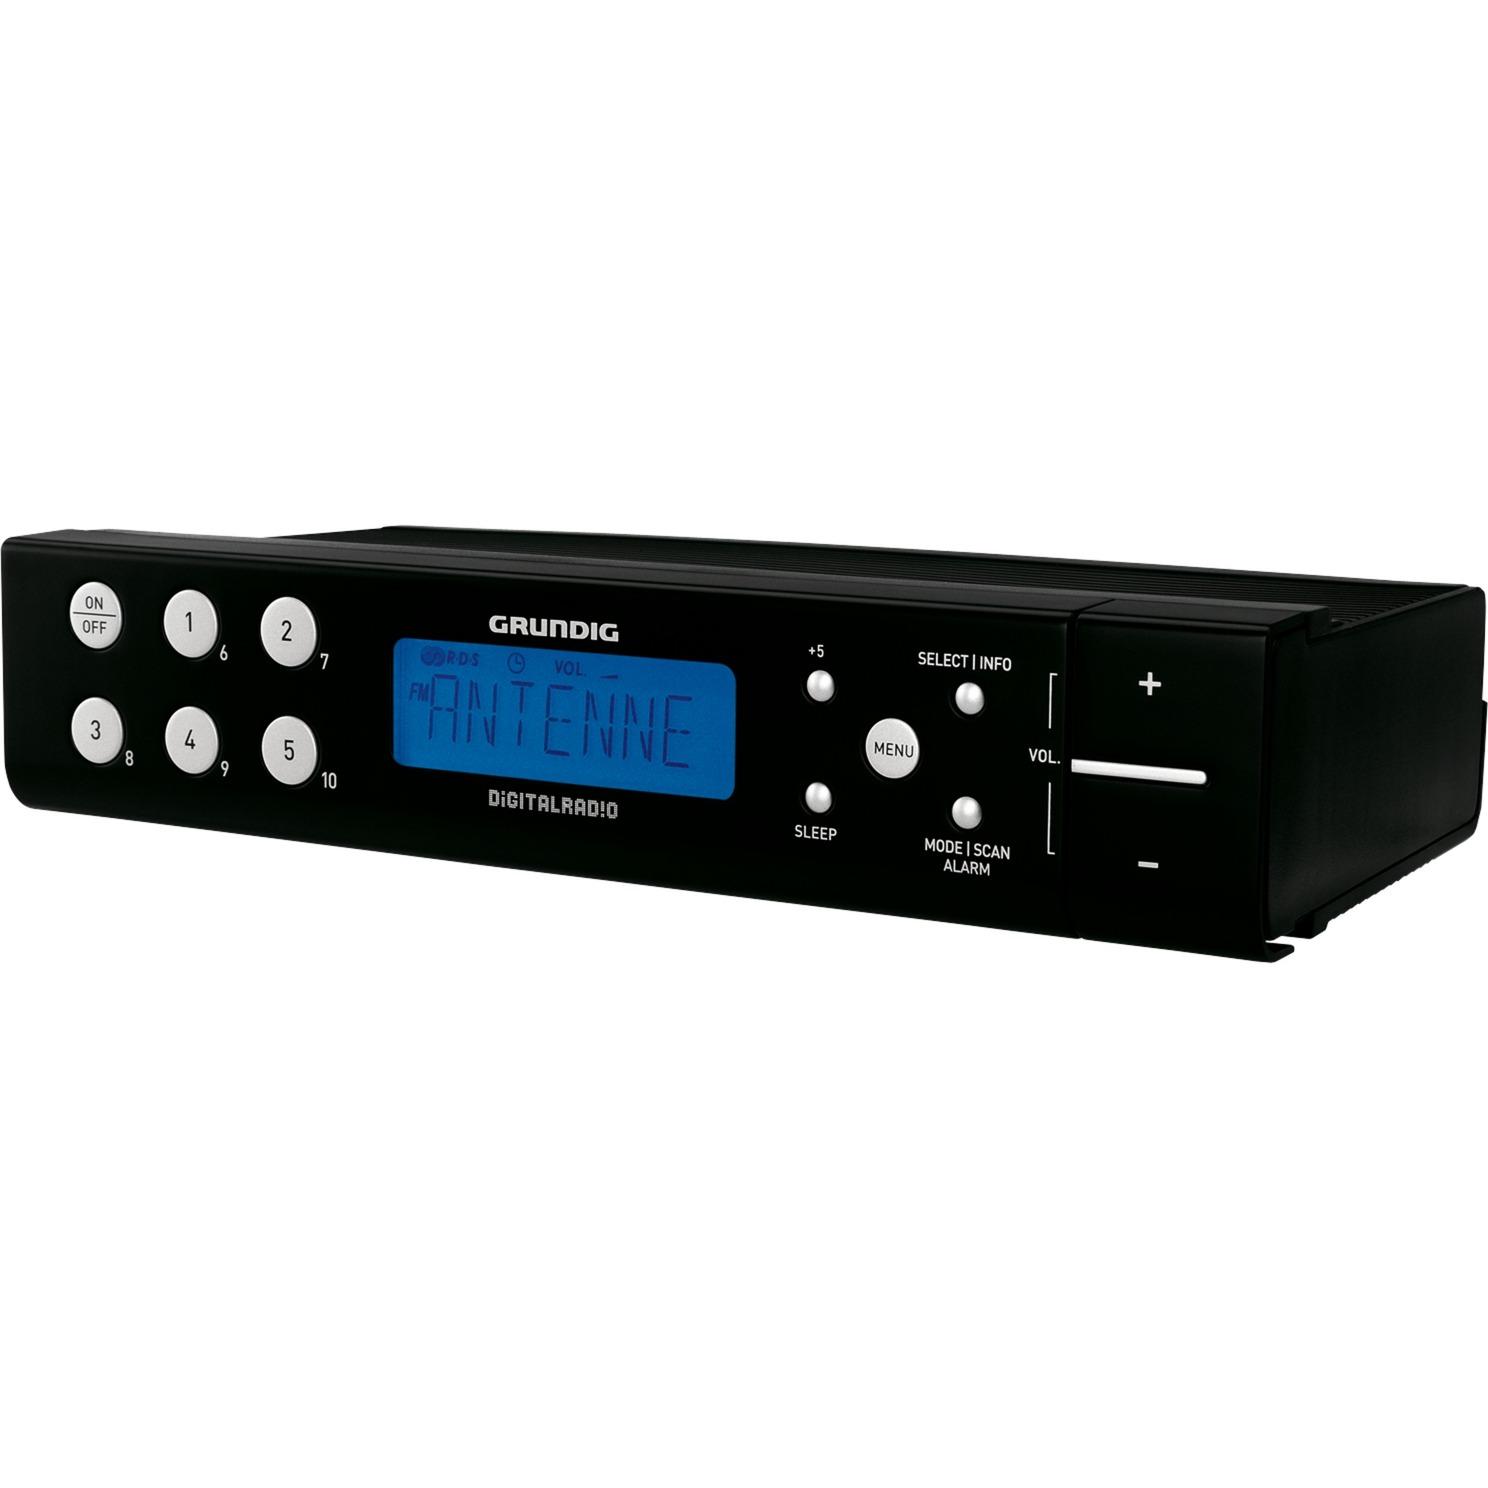 DKR 700 DAB+ Reloj Analógico y digital Negro radio